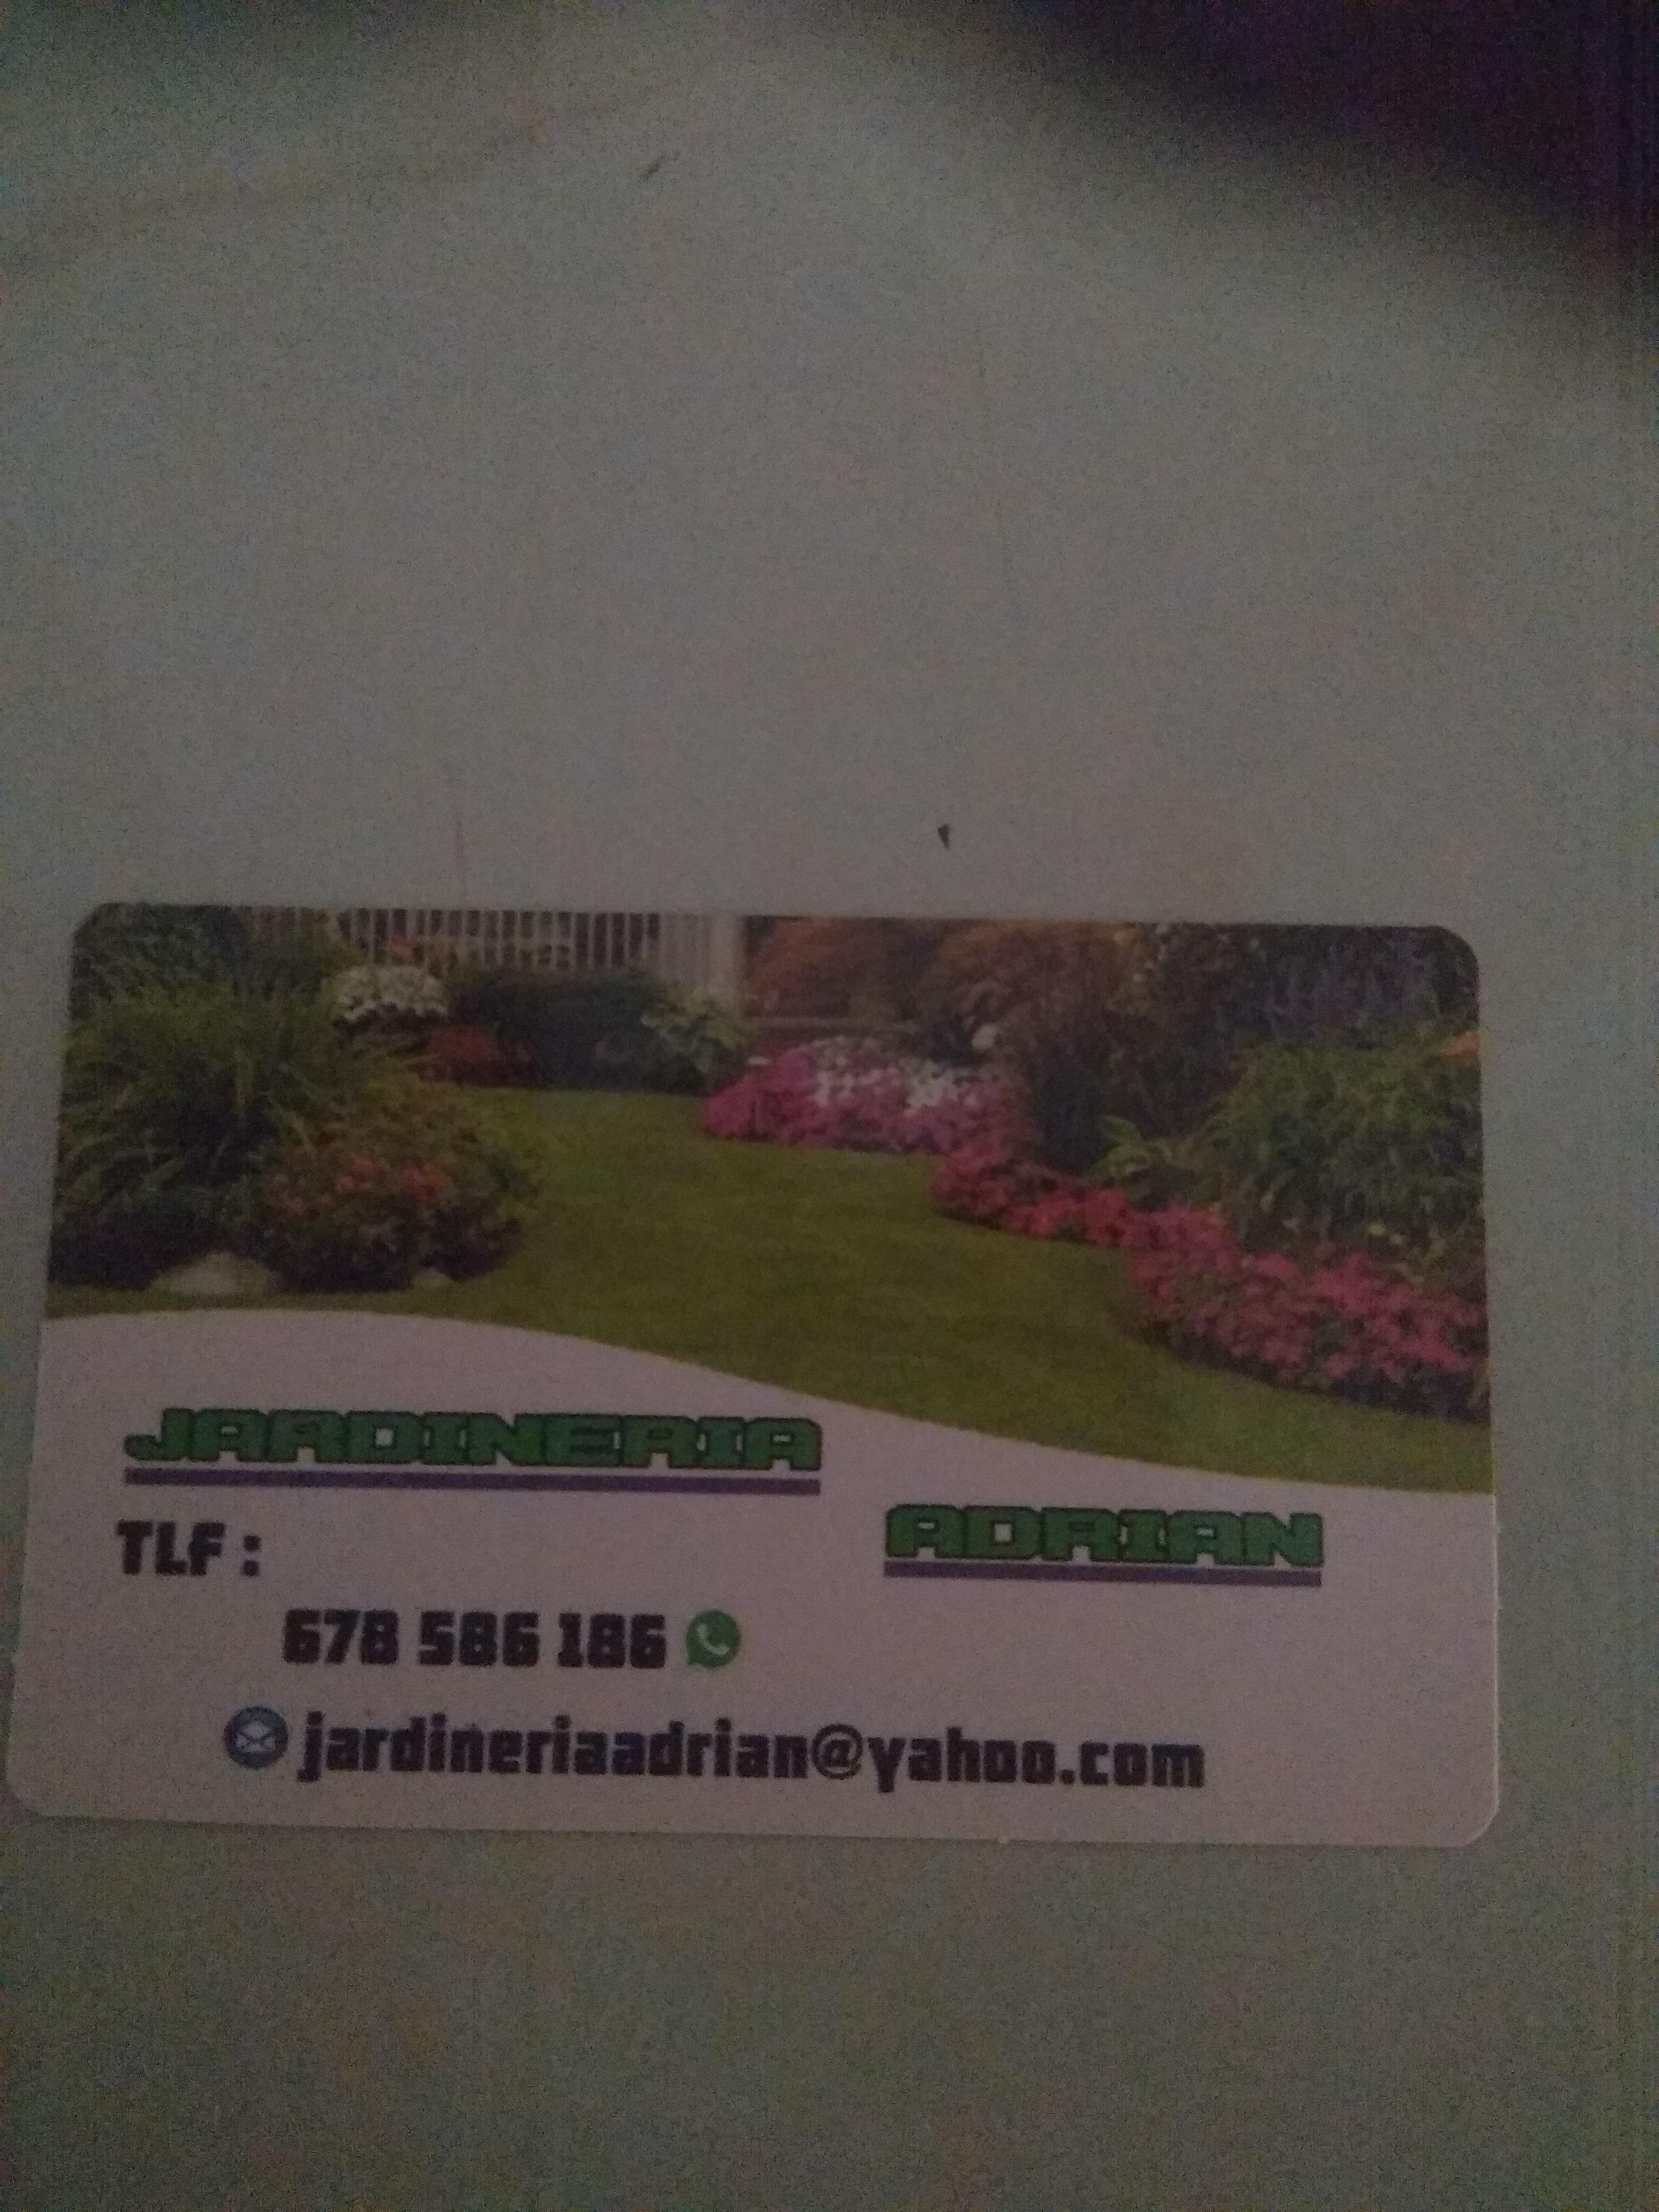 jardineria Adrian